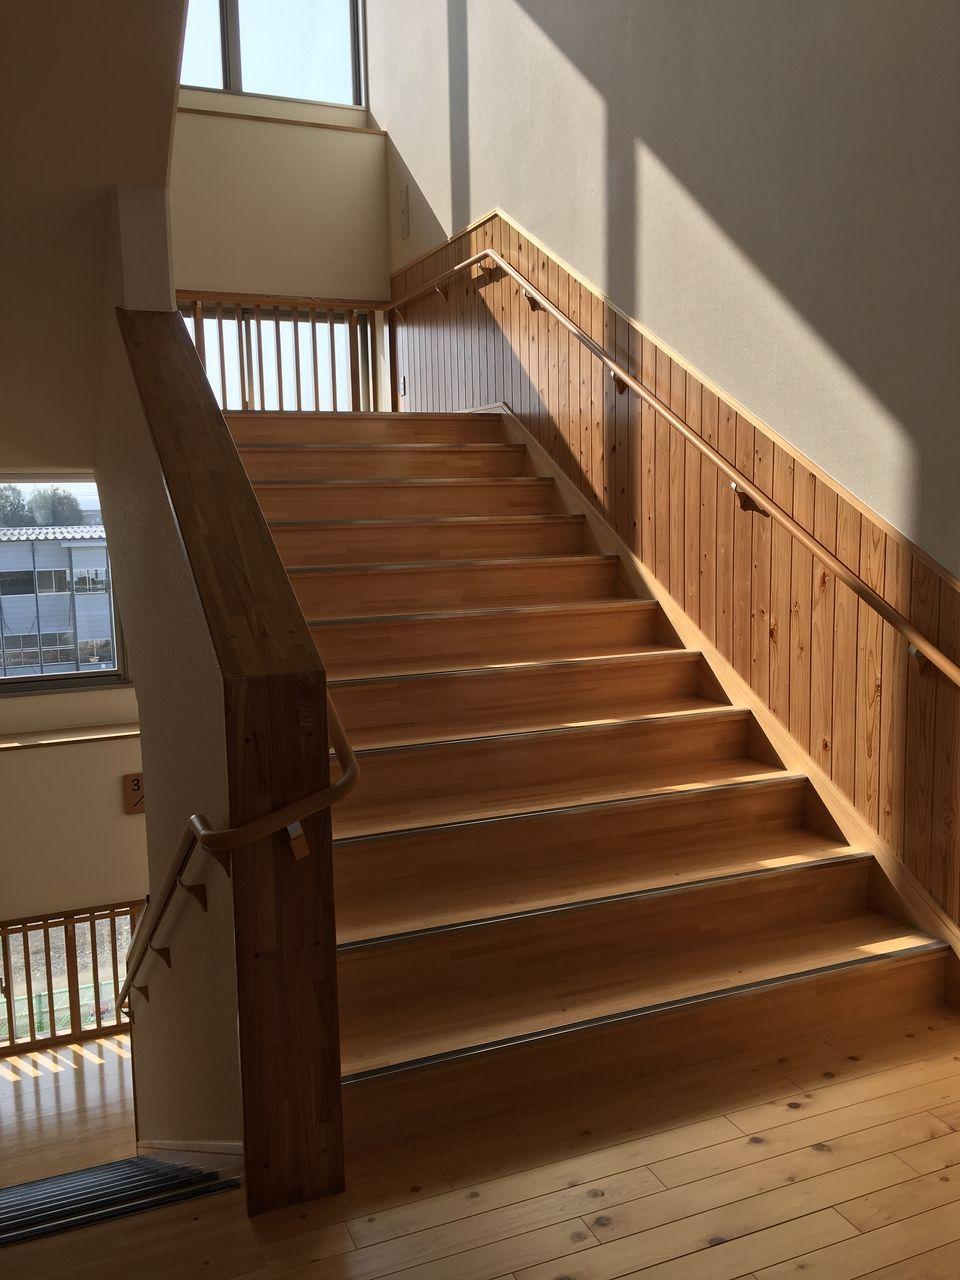 腰板が貼られて落ち着いた雰囲気の階段